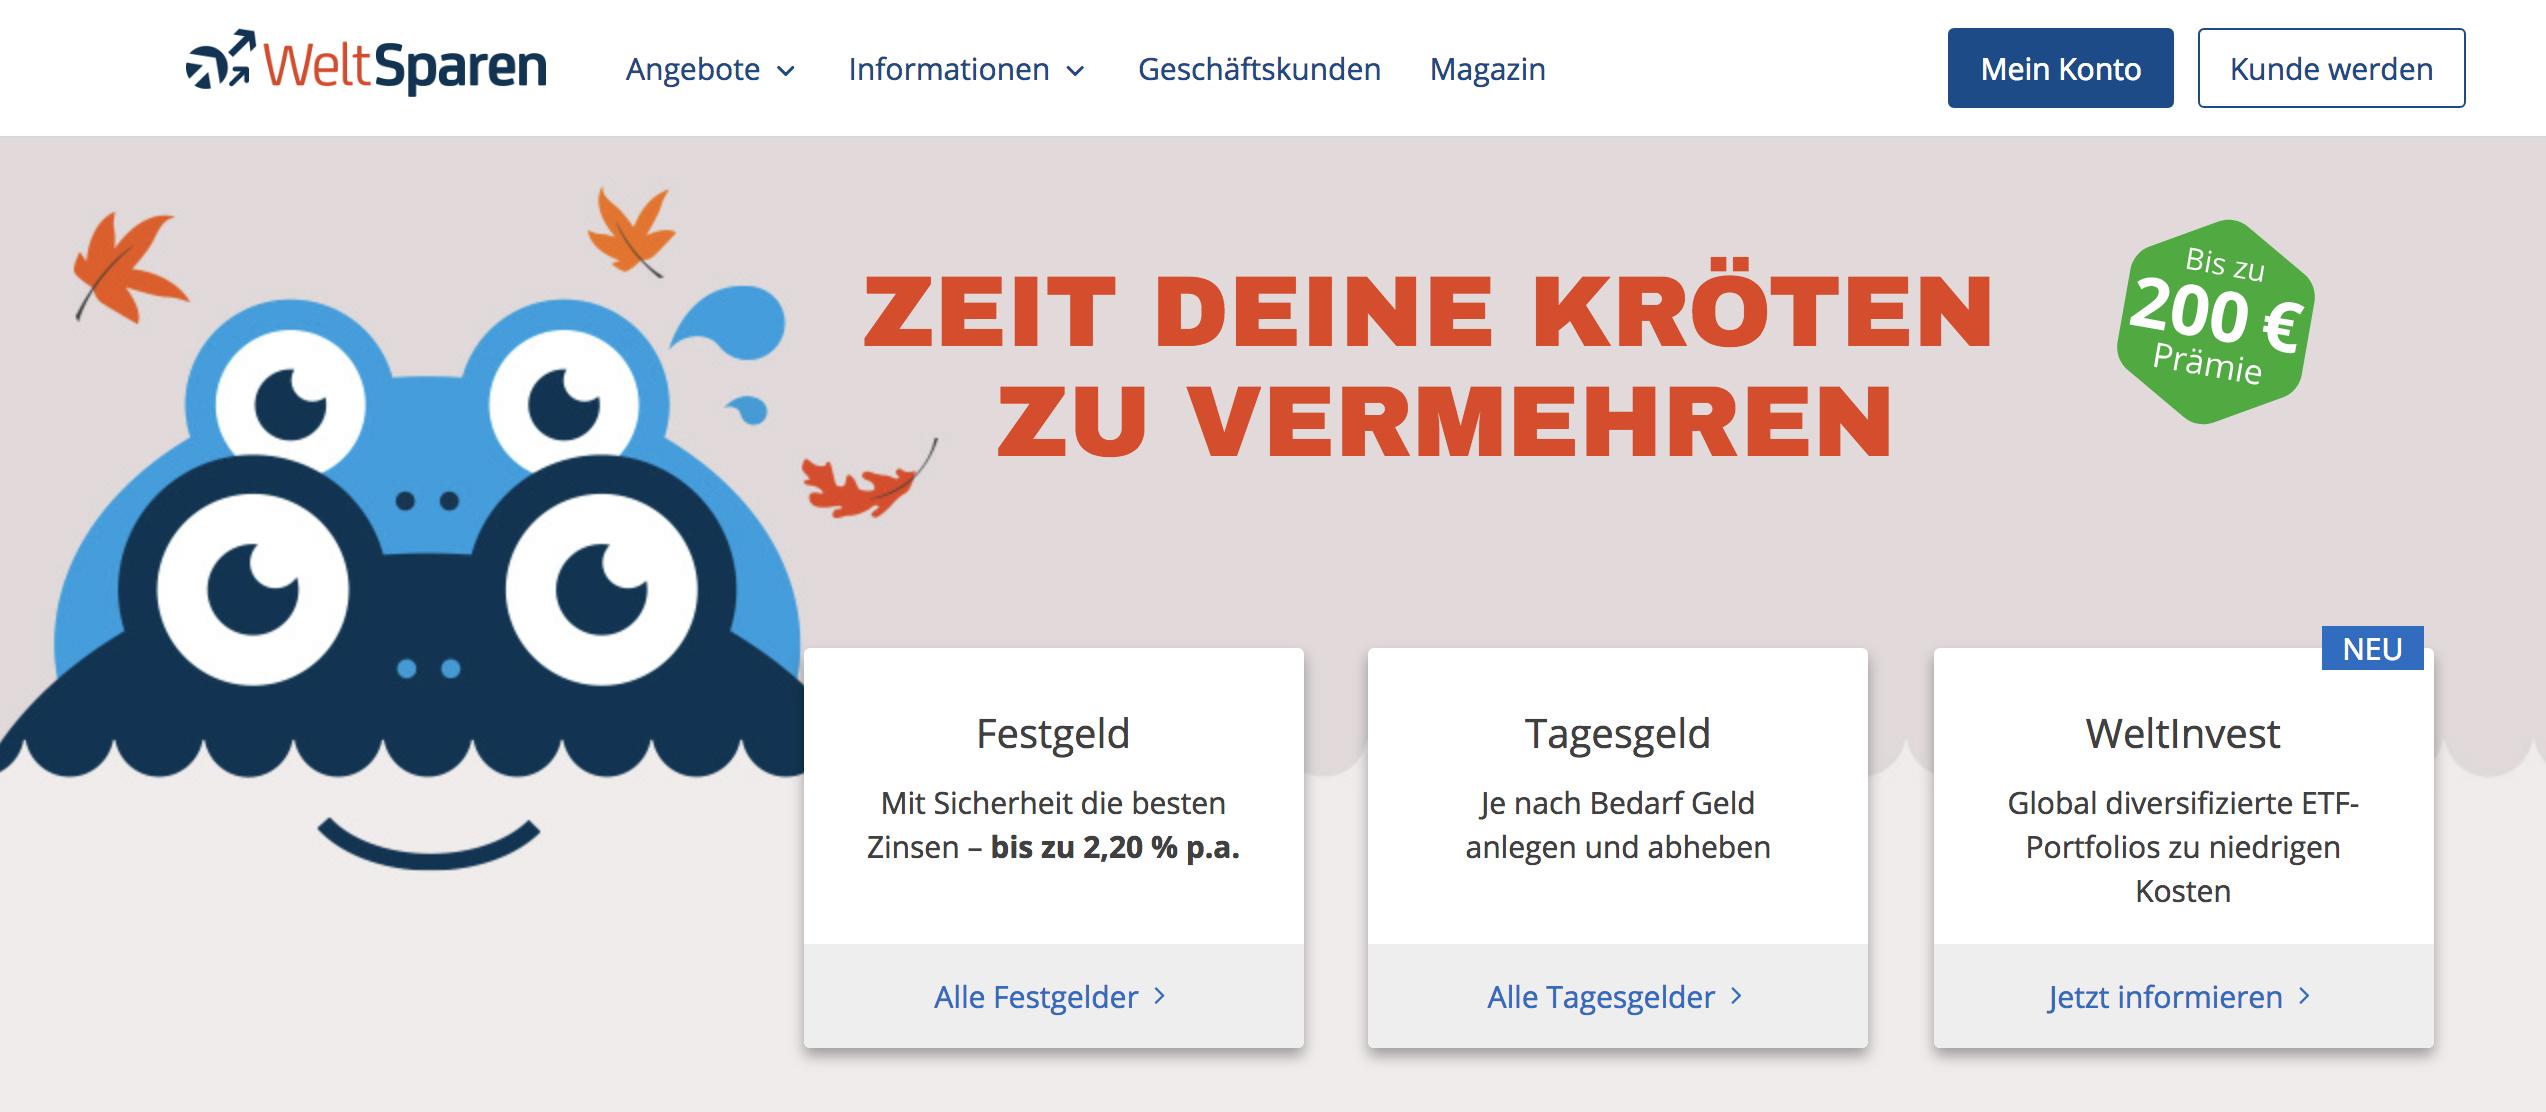 Bis zu 200,00 Euro Prämie warten bei WeltSparen auf neue Kunden